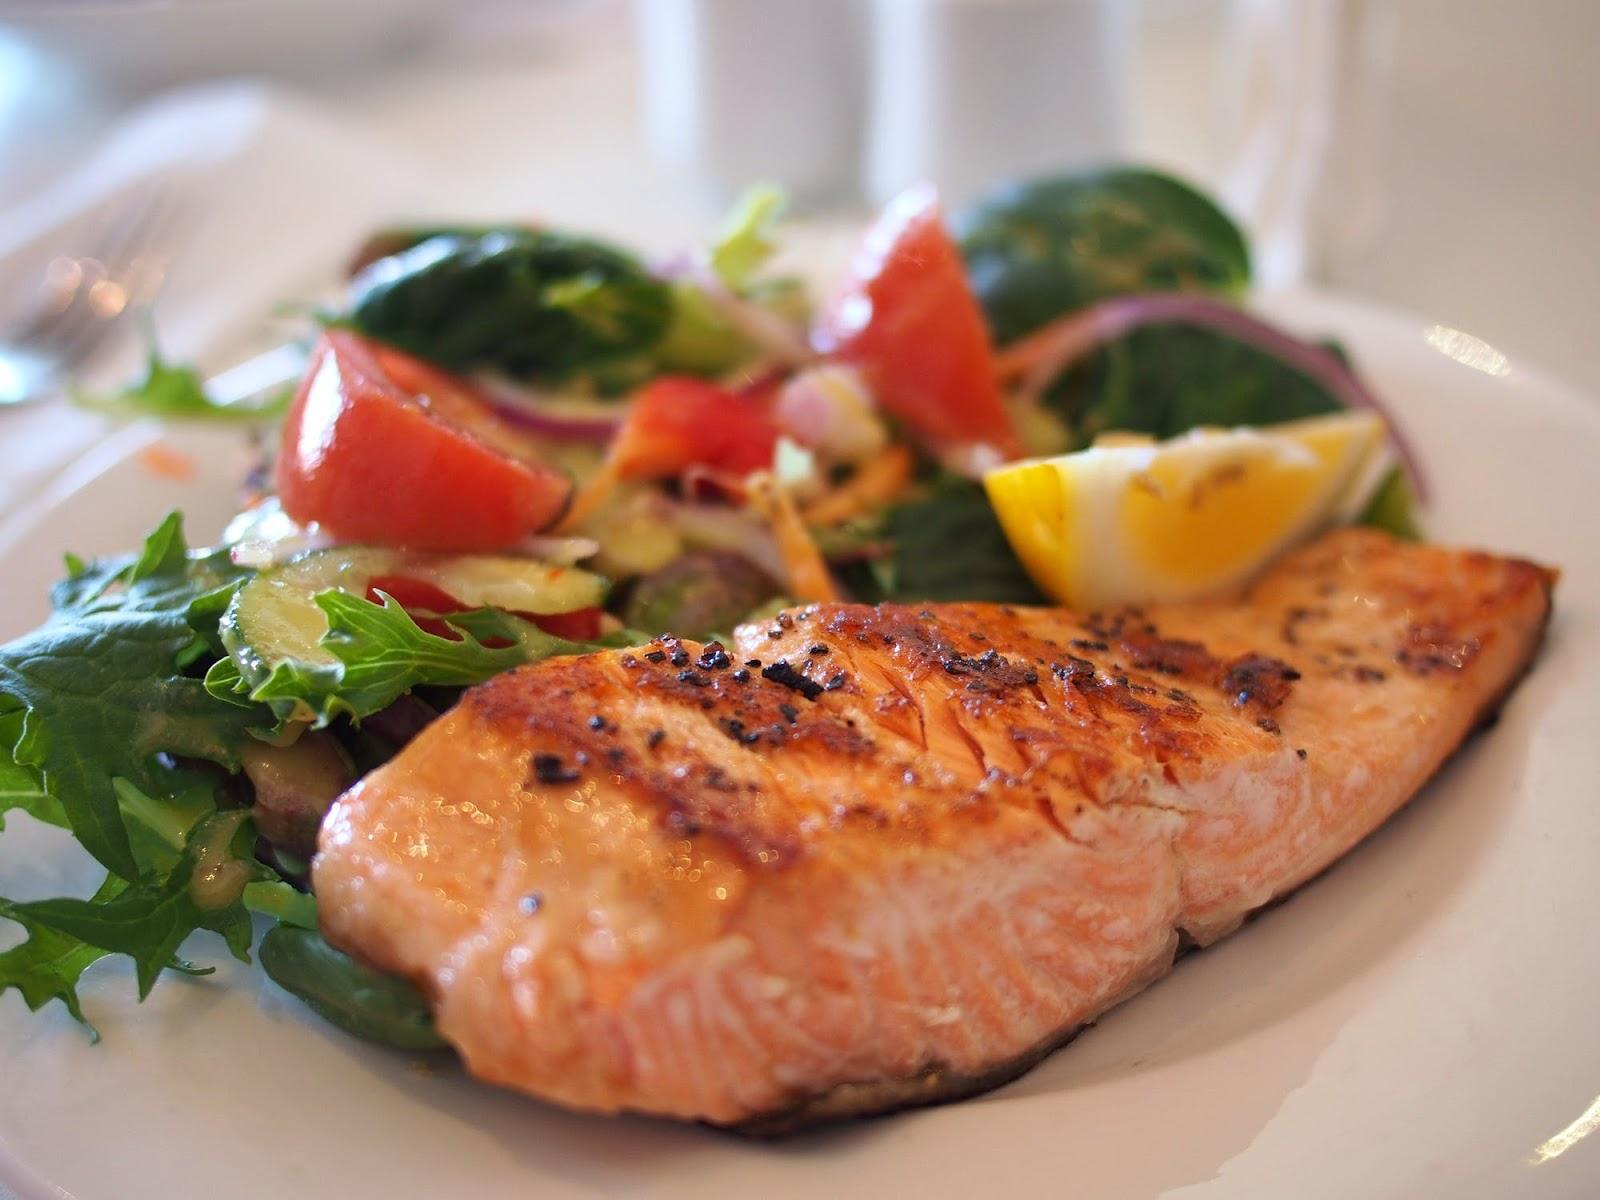 Comida saudável com salada necessária para alimentação equilibrada.